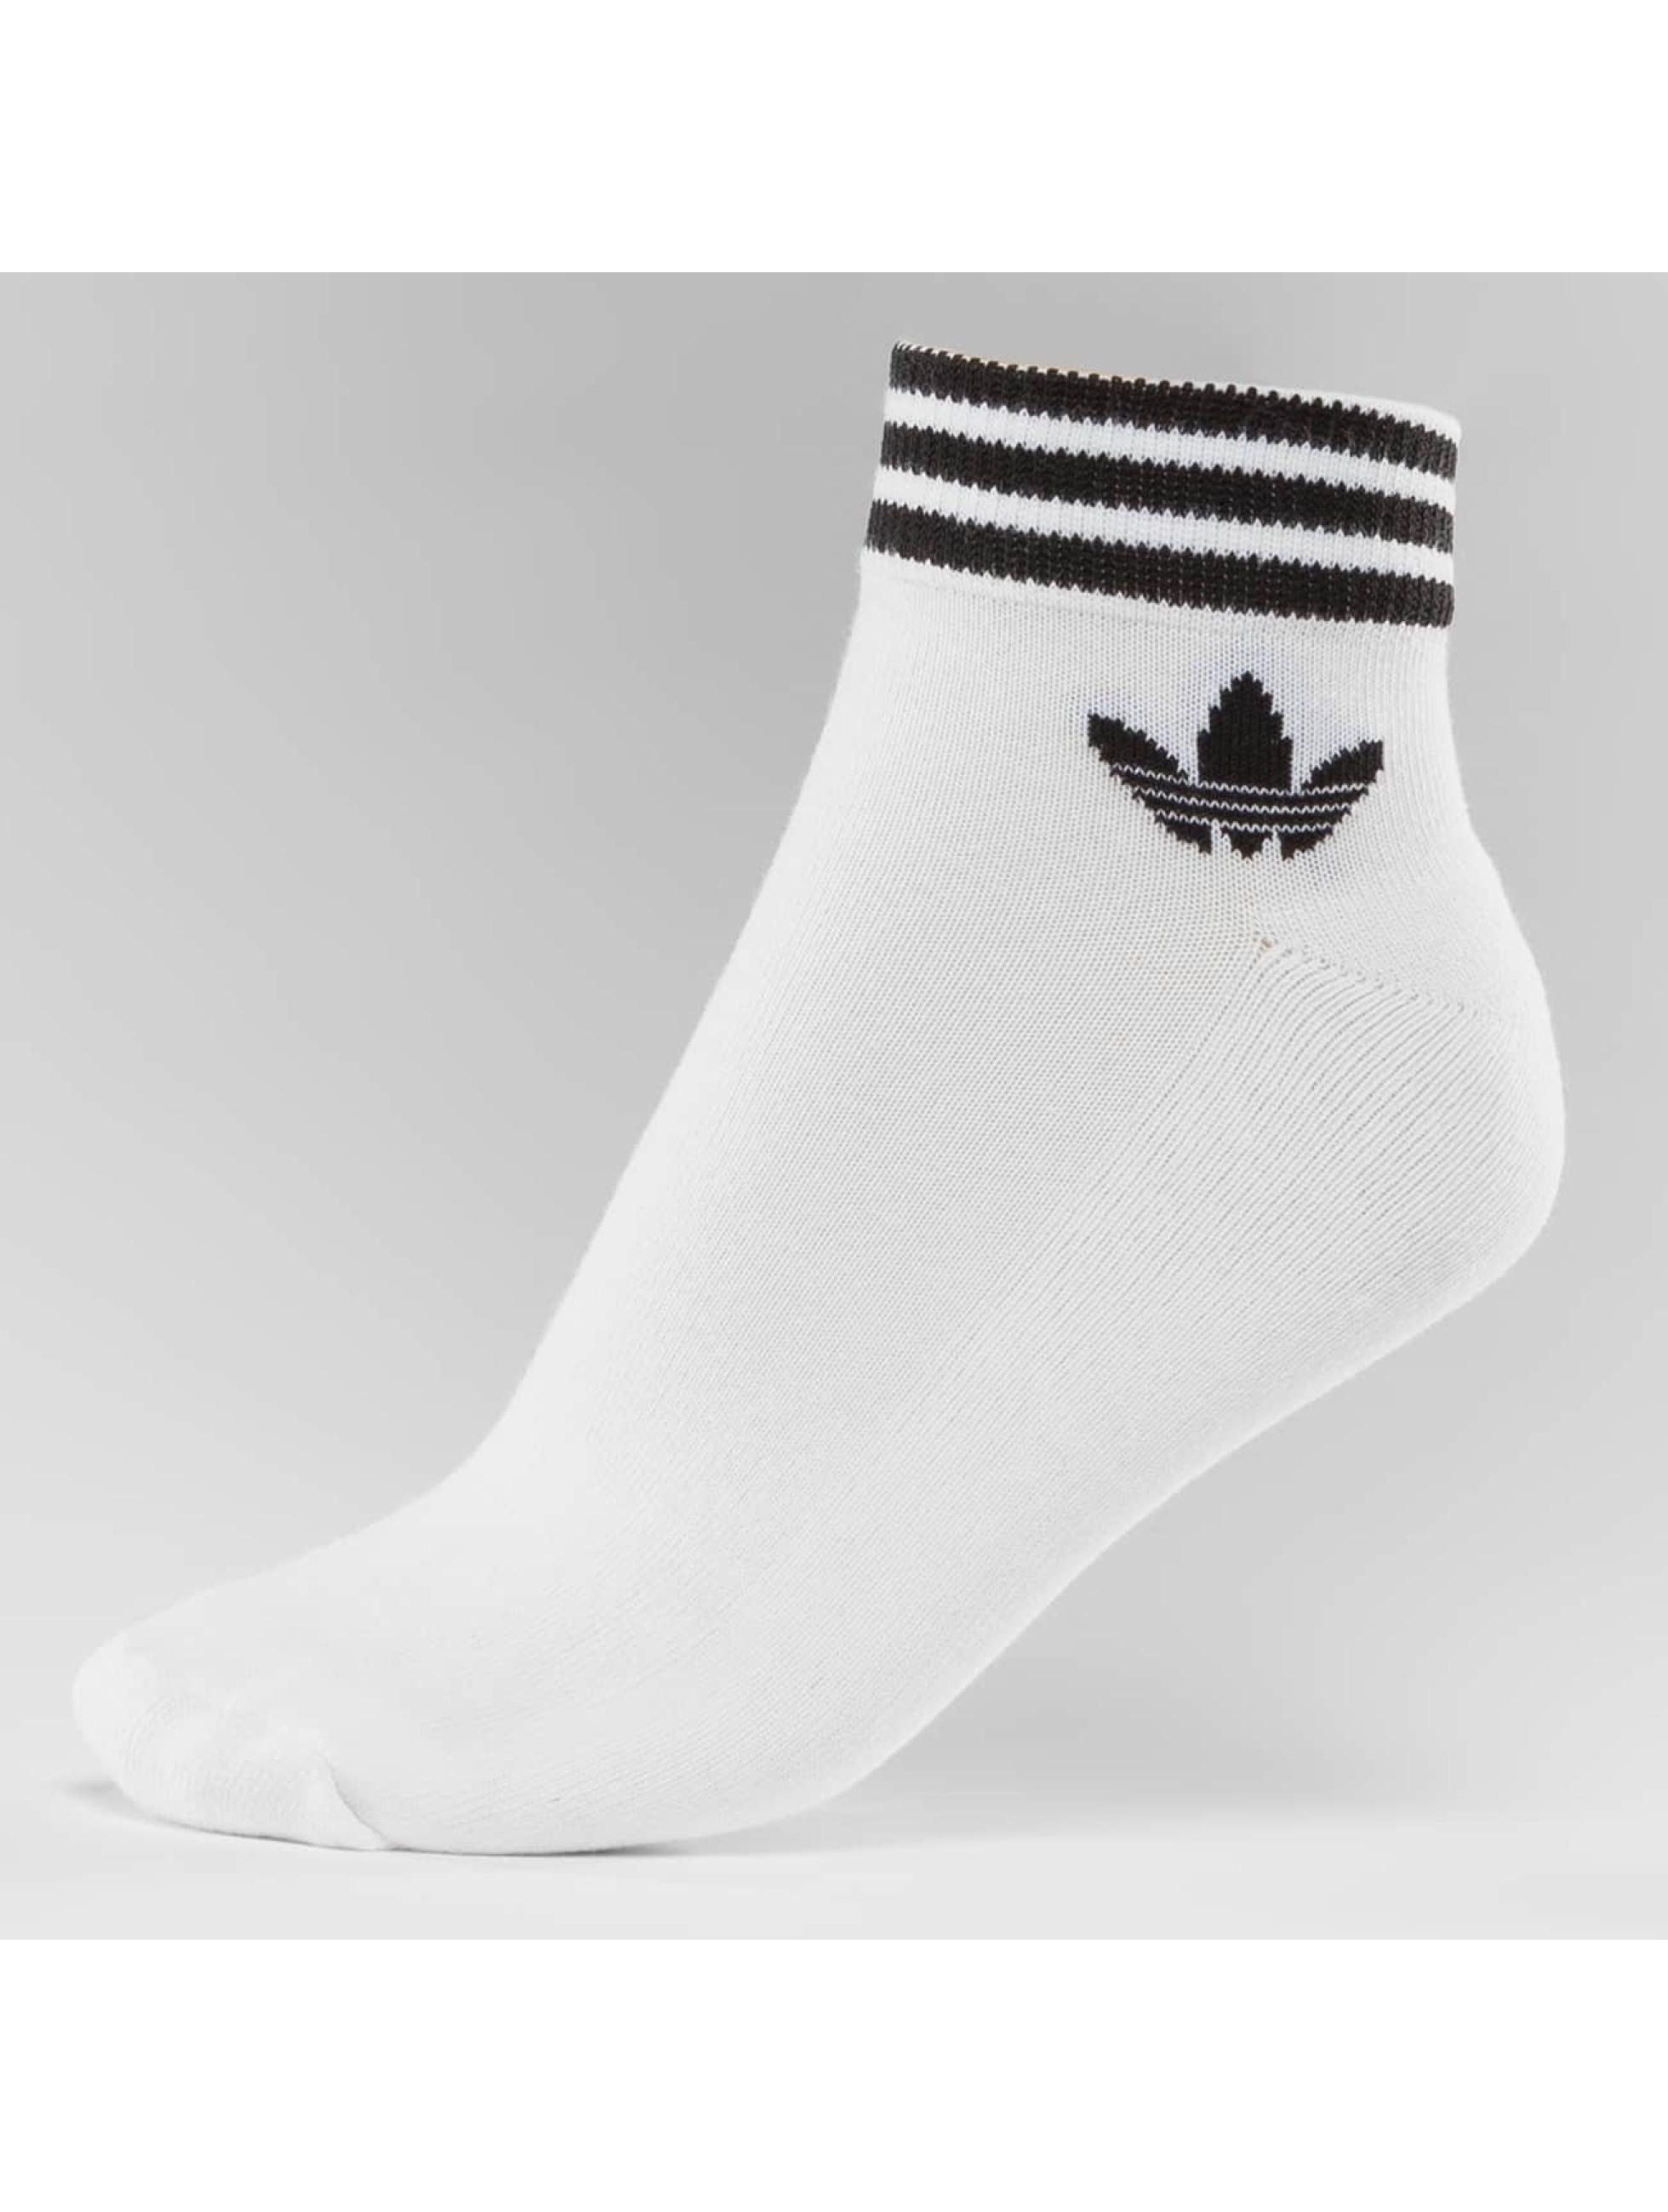 adidas Chaussettes Trefoil blanc